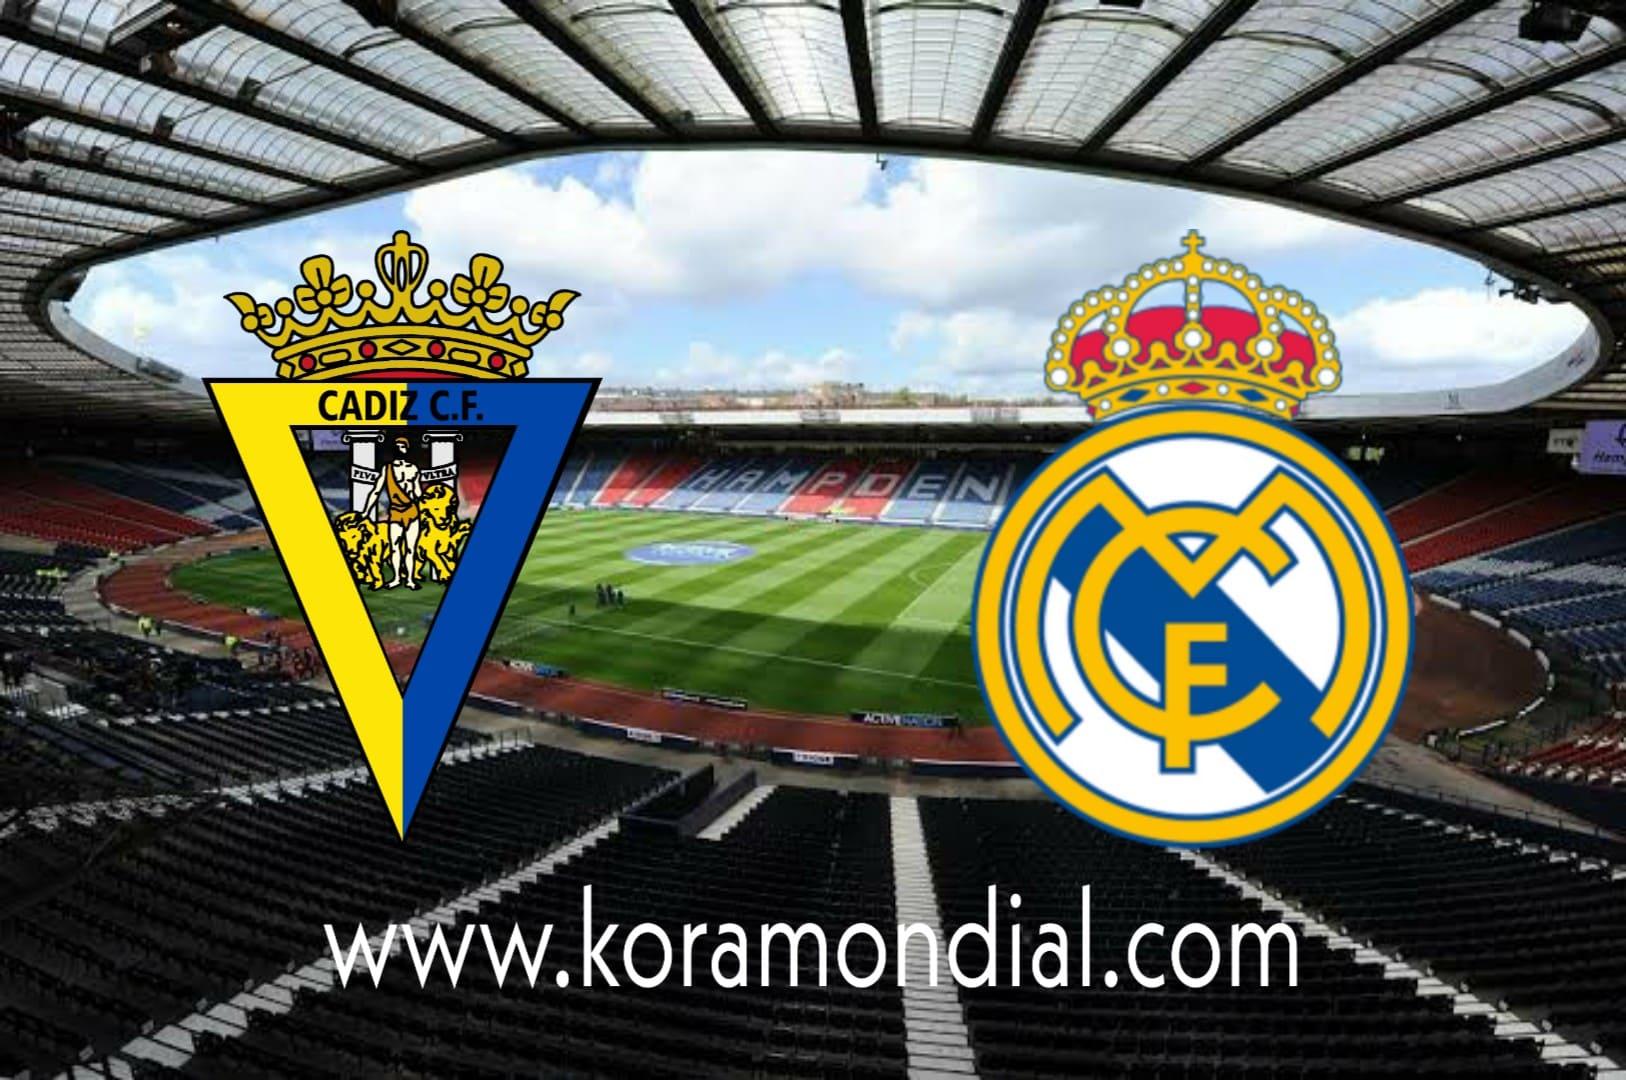 مشاهدة مباراة ريال مدريد و قادش بث مباشر اليوم  17-10-2020 في الدوري الإسباني